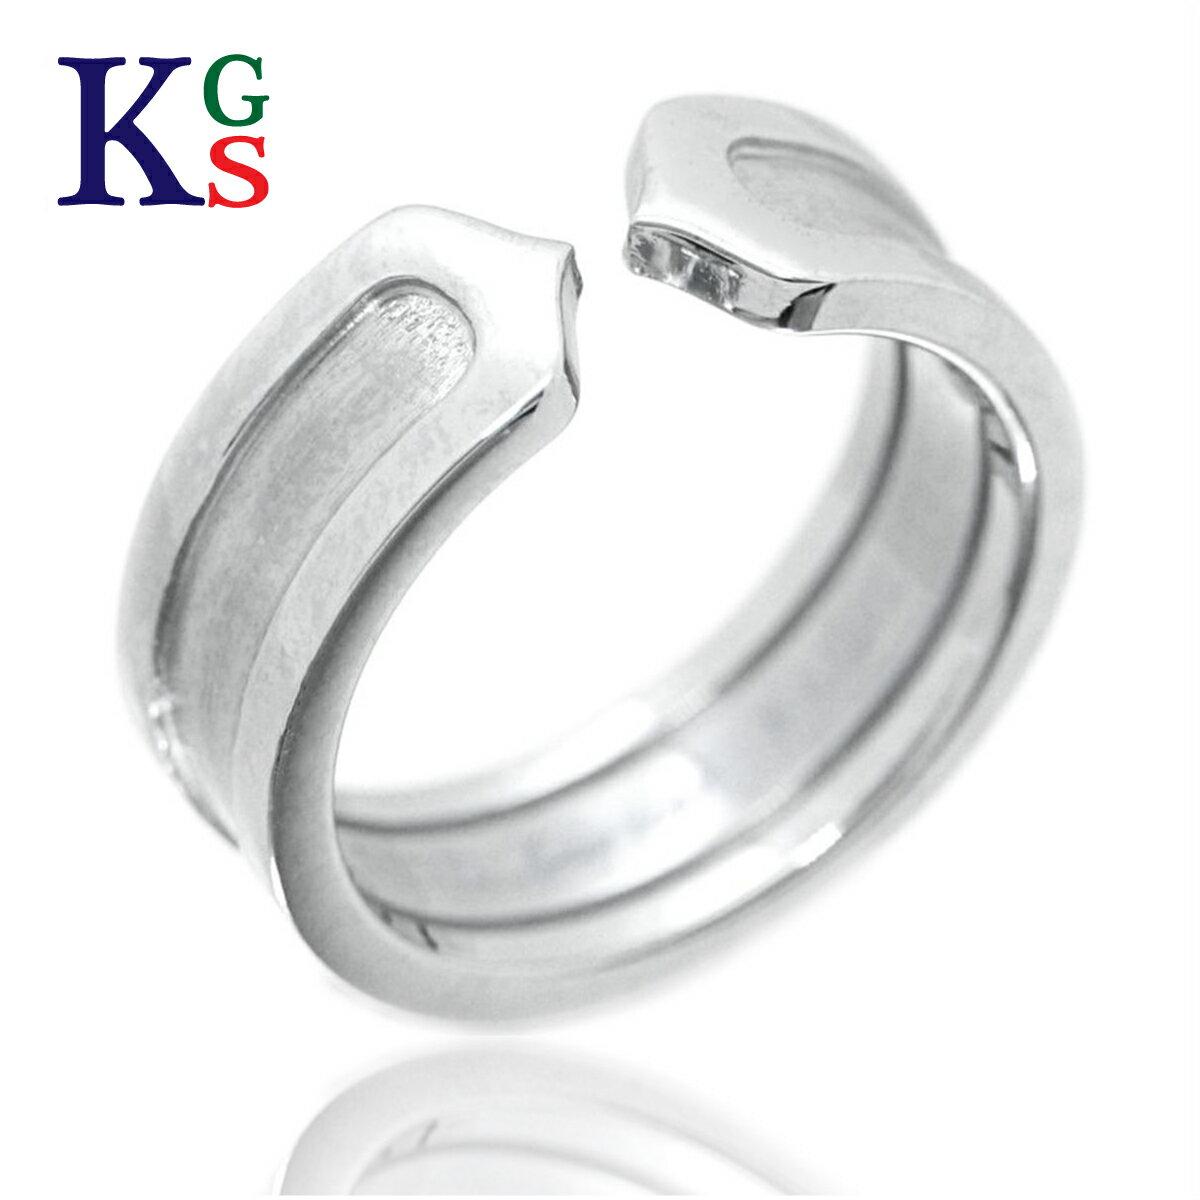 レディースジュエリー・アクセサリー, 指輪・リング Cartier 2C K18WG B4040500